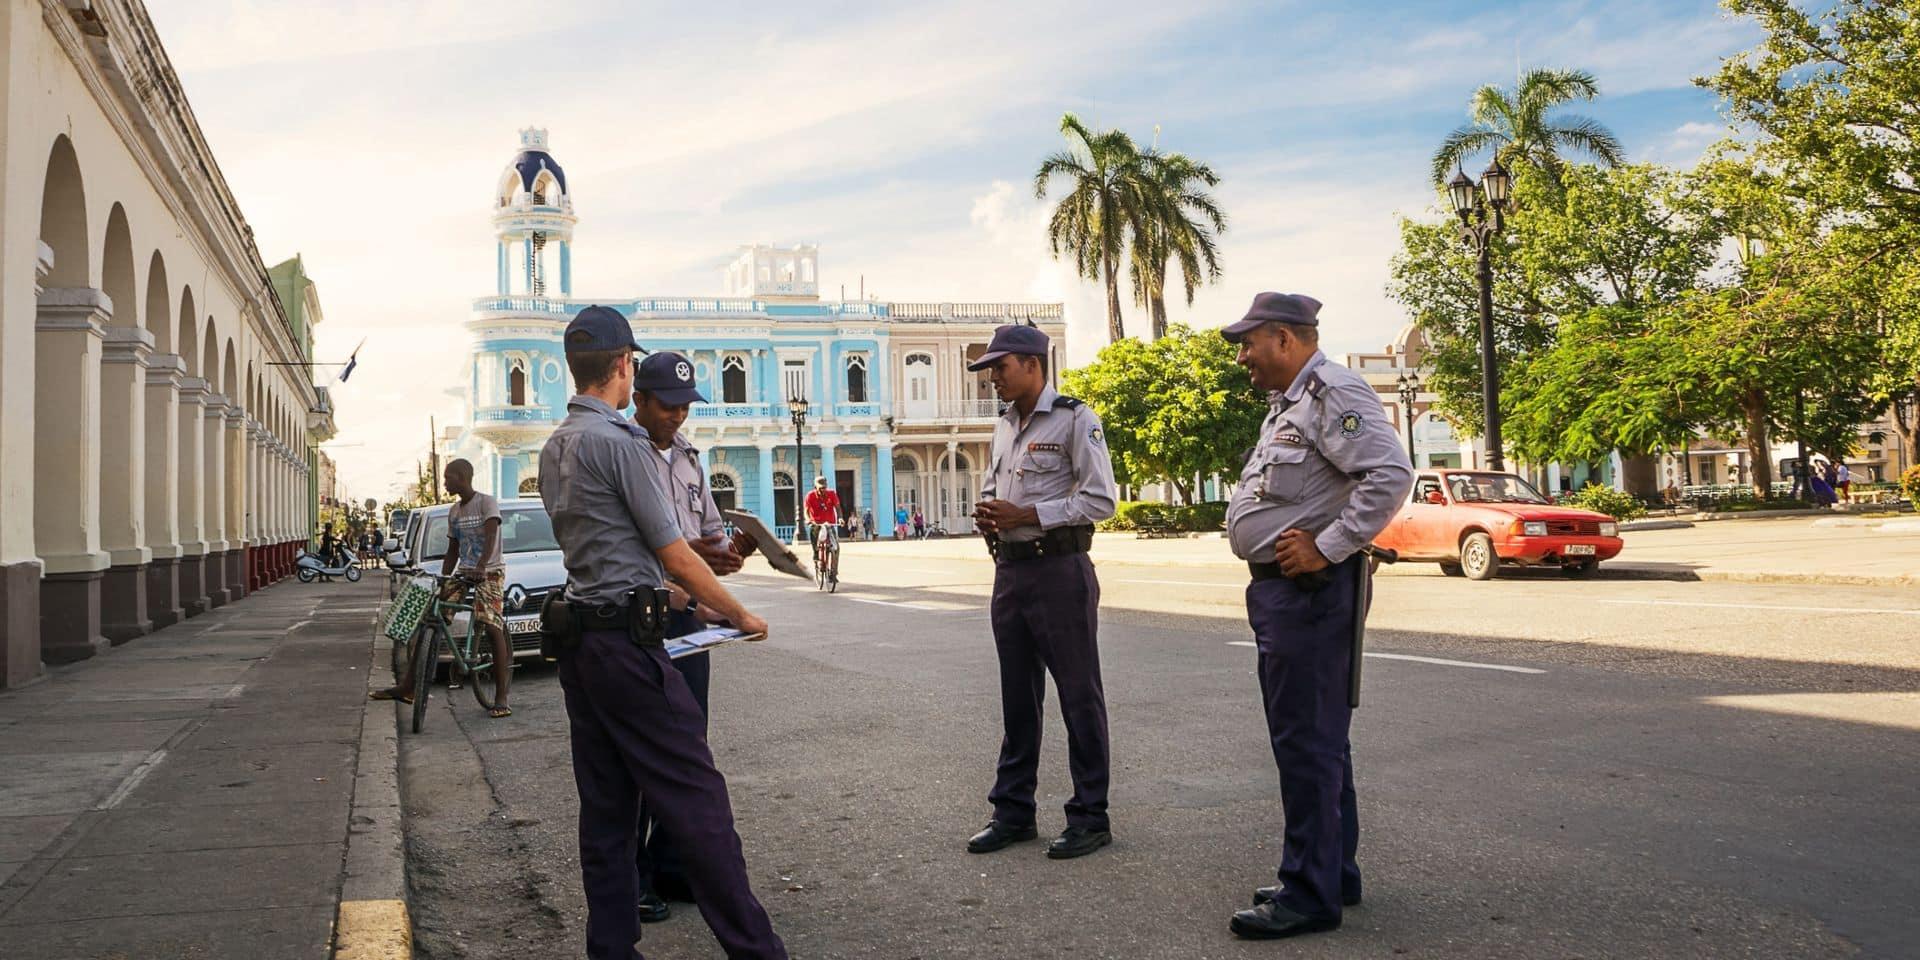 Un accident de bus à Cuba fait 10 morts